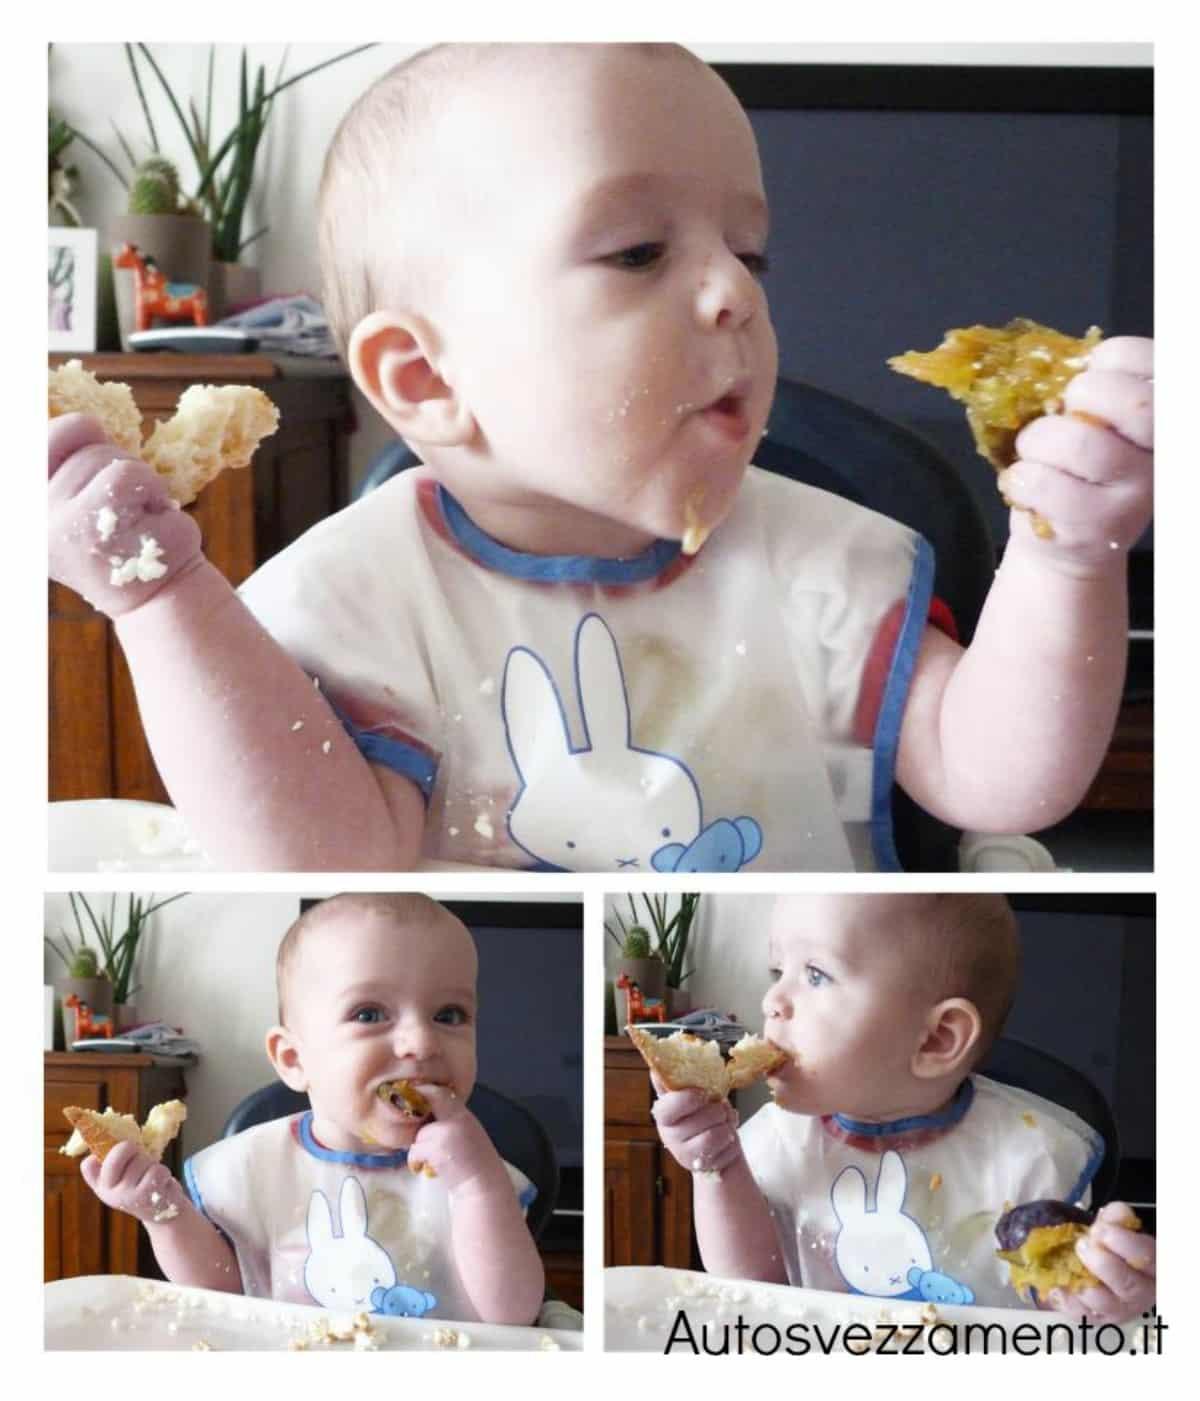 Bambina sceglie cosa mangiare, autosvezzamento